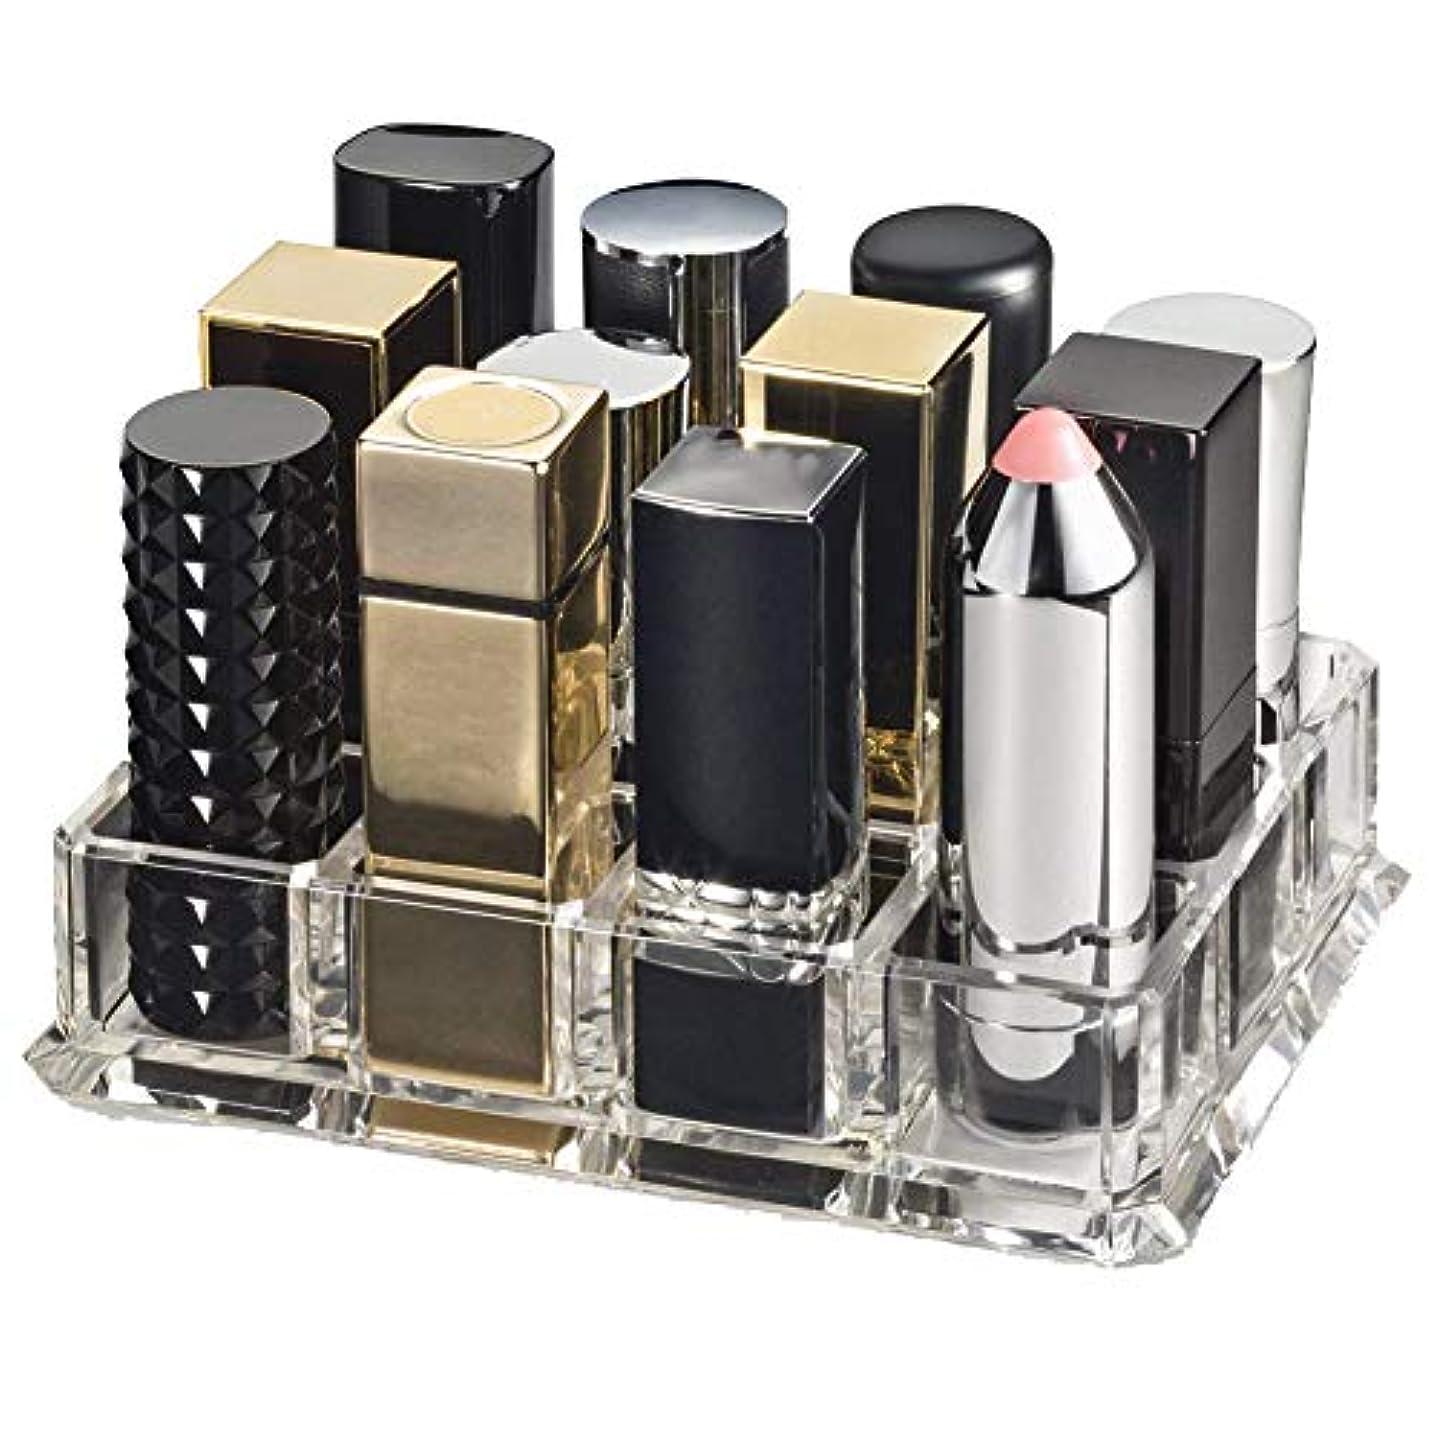 ペフ悪党ゴルフhamulekfae-化粧品綺麗クリアアクリル口紅オーガナイザー12スペース化粧品収納ボックスケース - 透明